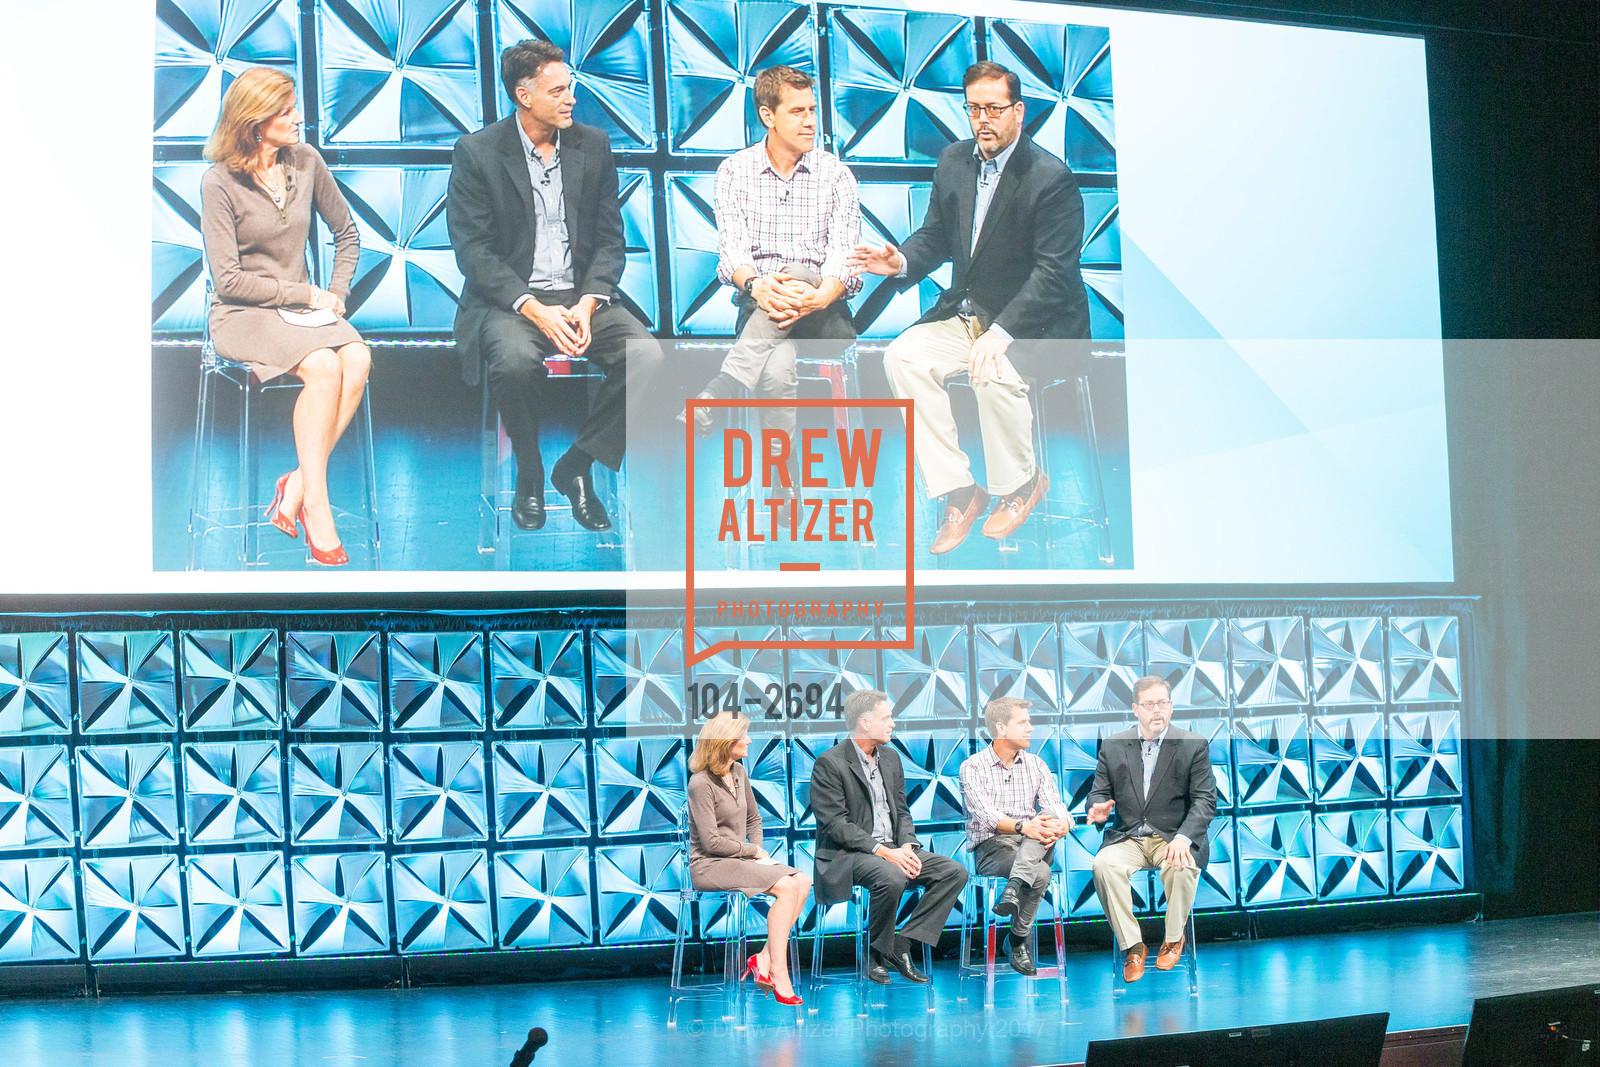 Karen Kerrigan, Chris Germann, Justin Shriber, Brian Moran, Photo #104-2694